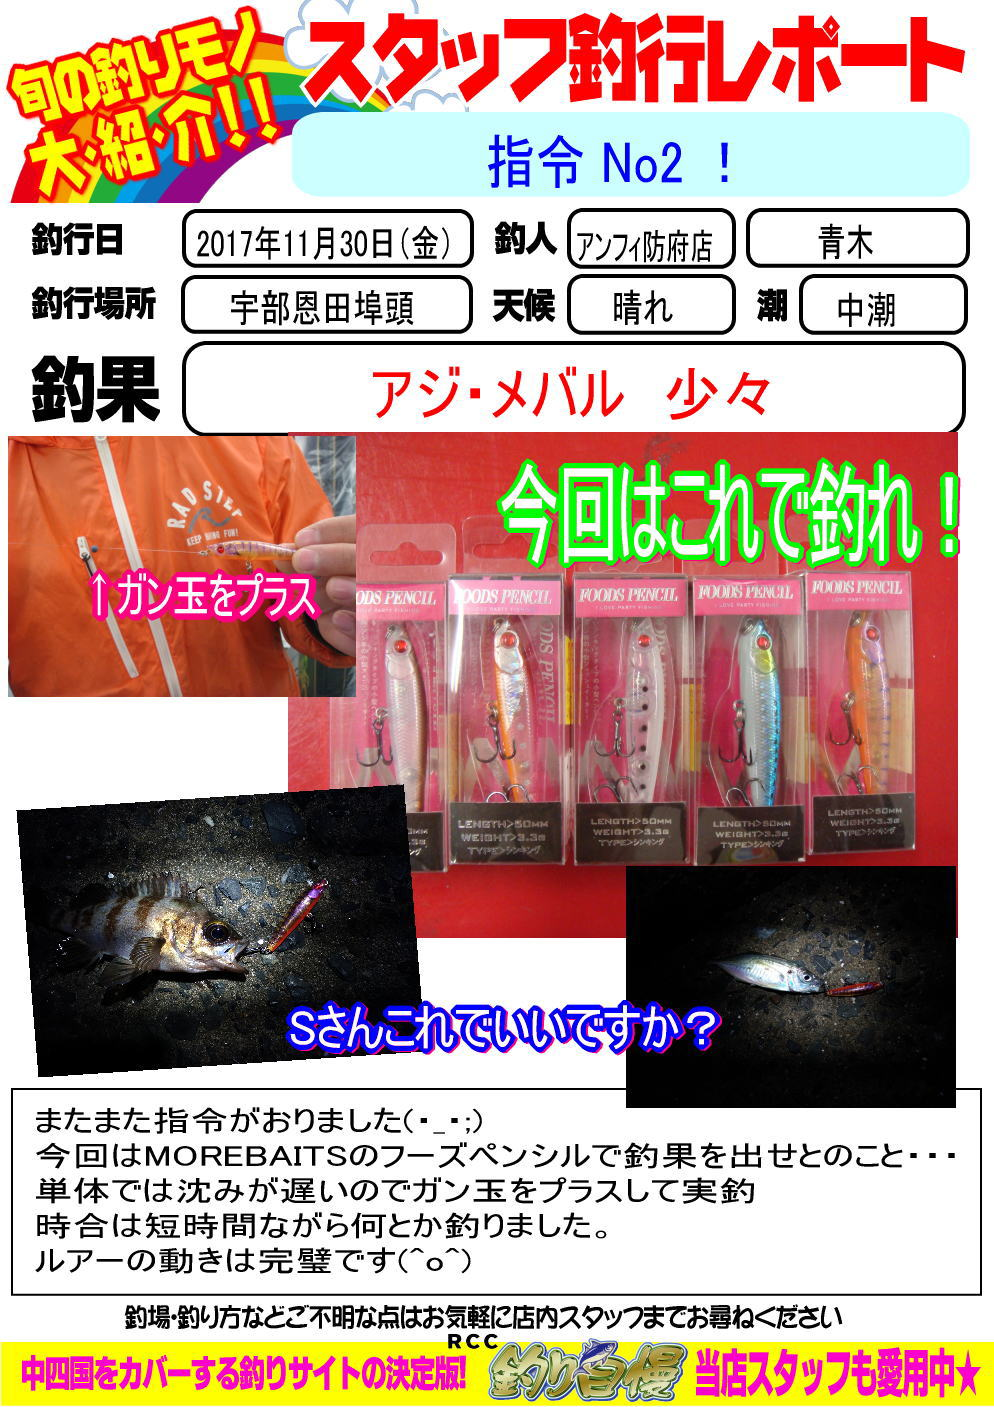 http://www.e-angle.co.jp/shop/blog/blog-20171130-houfu-kasutamu.jpg